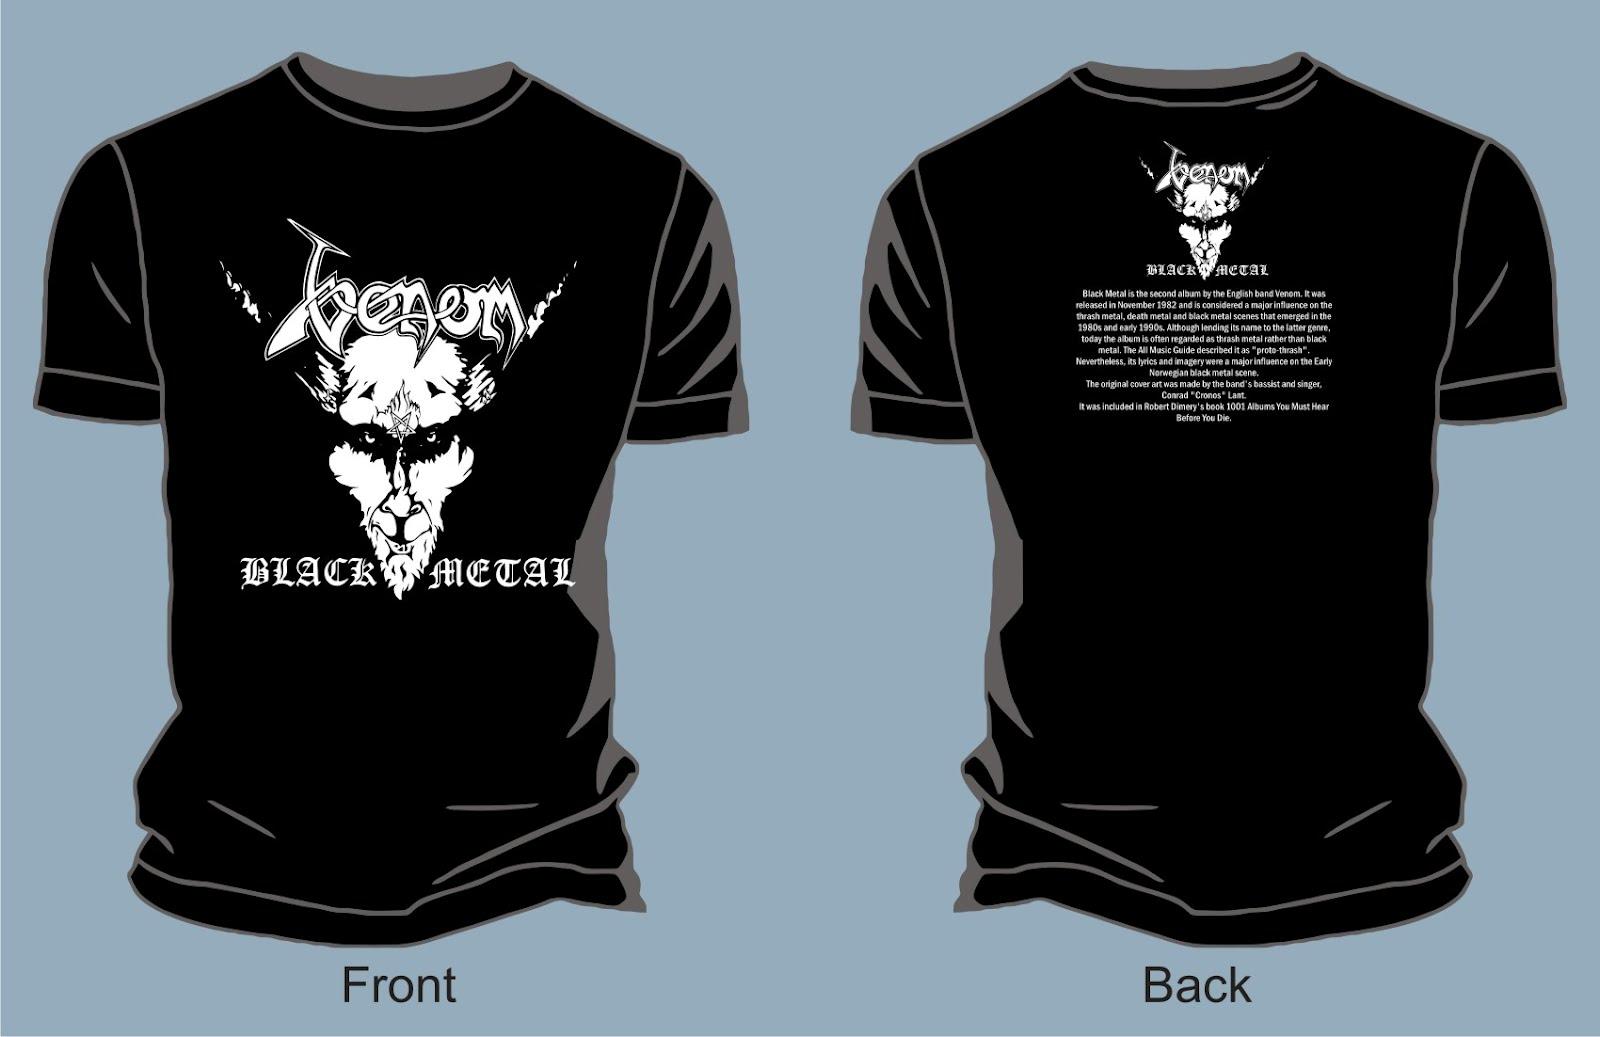 venom-black_metal_vector